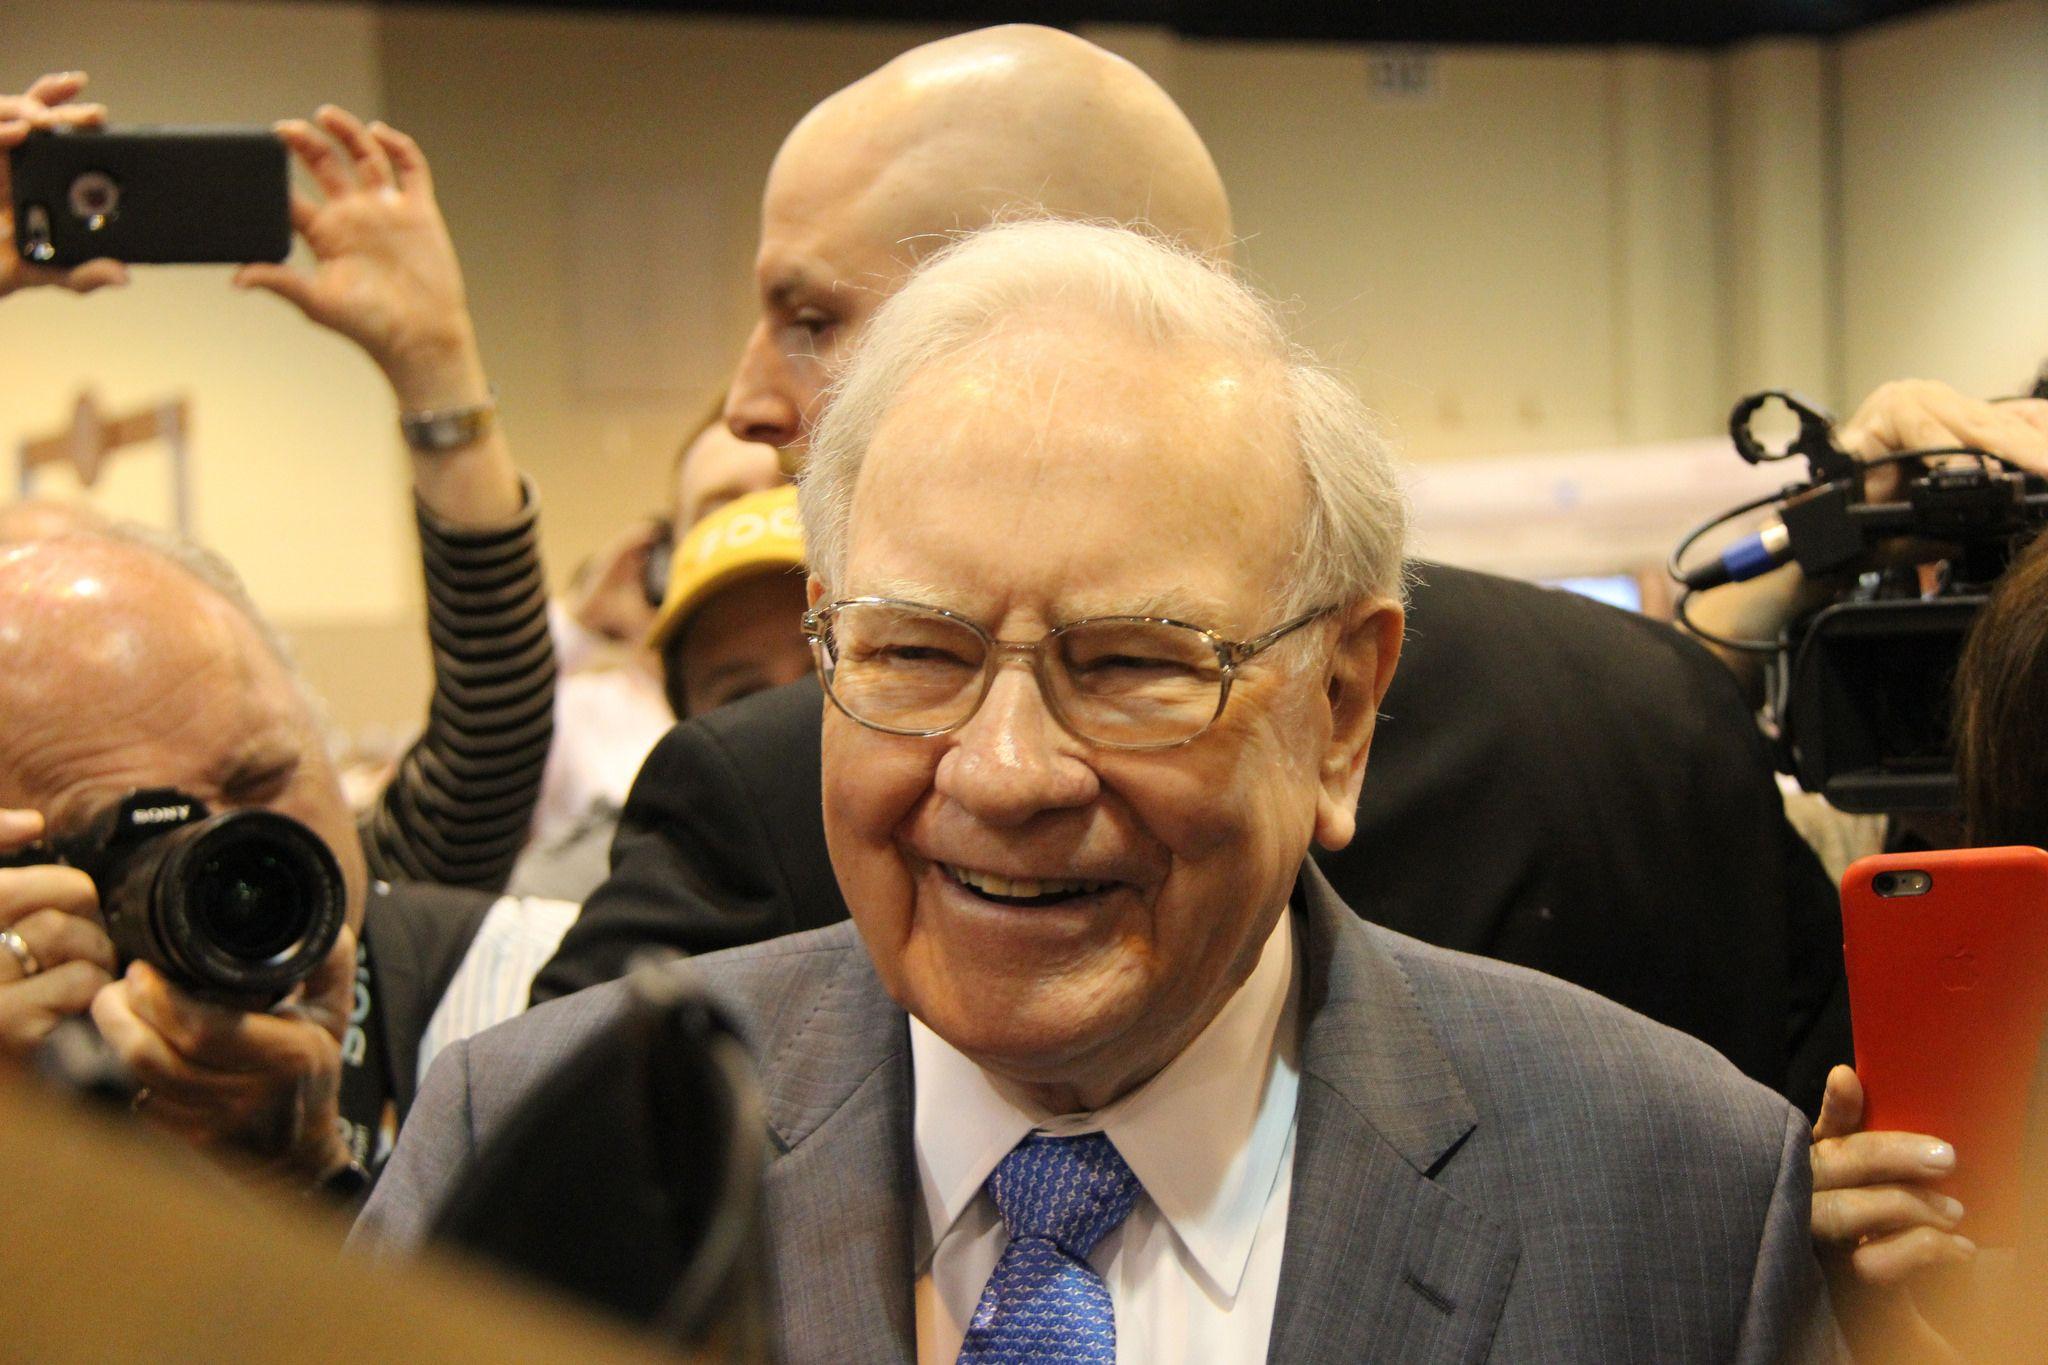 Warren Buffett speaking with media